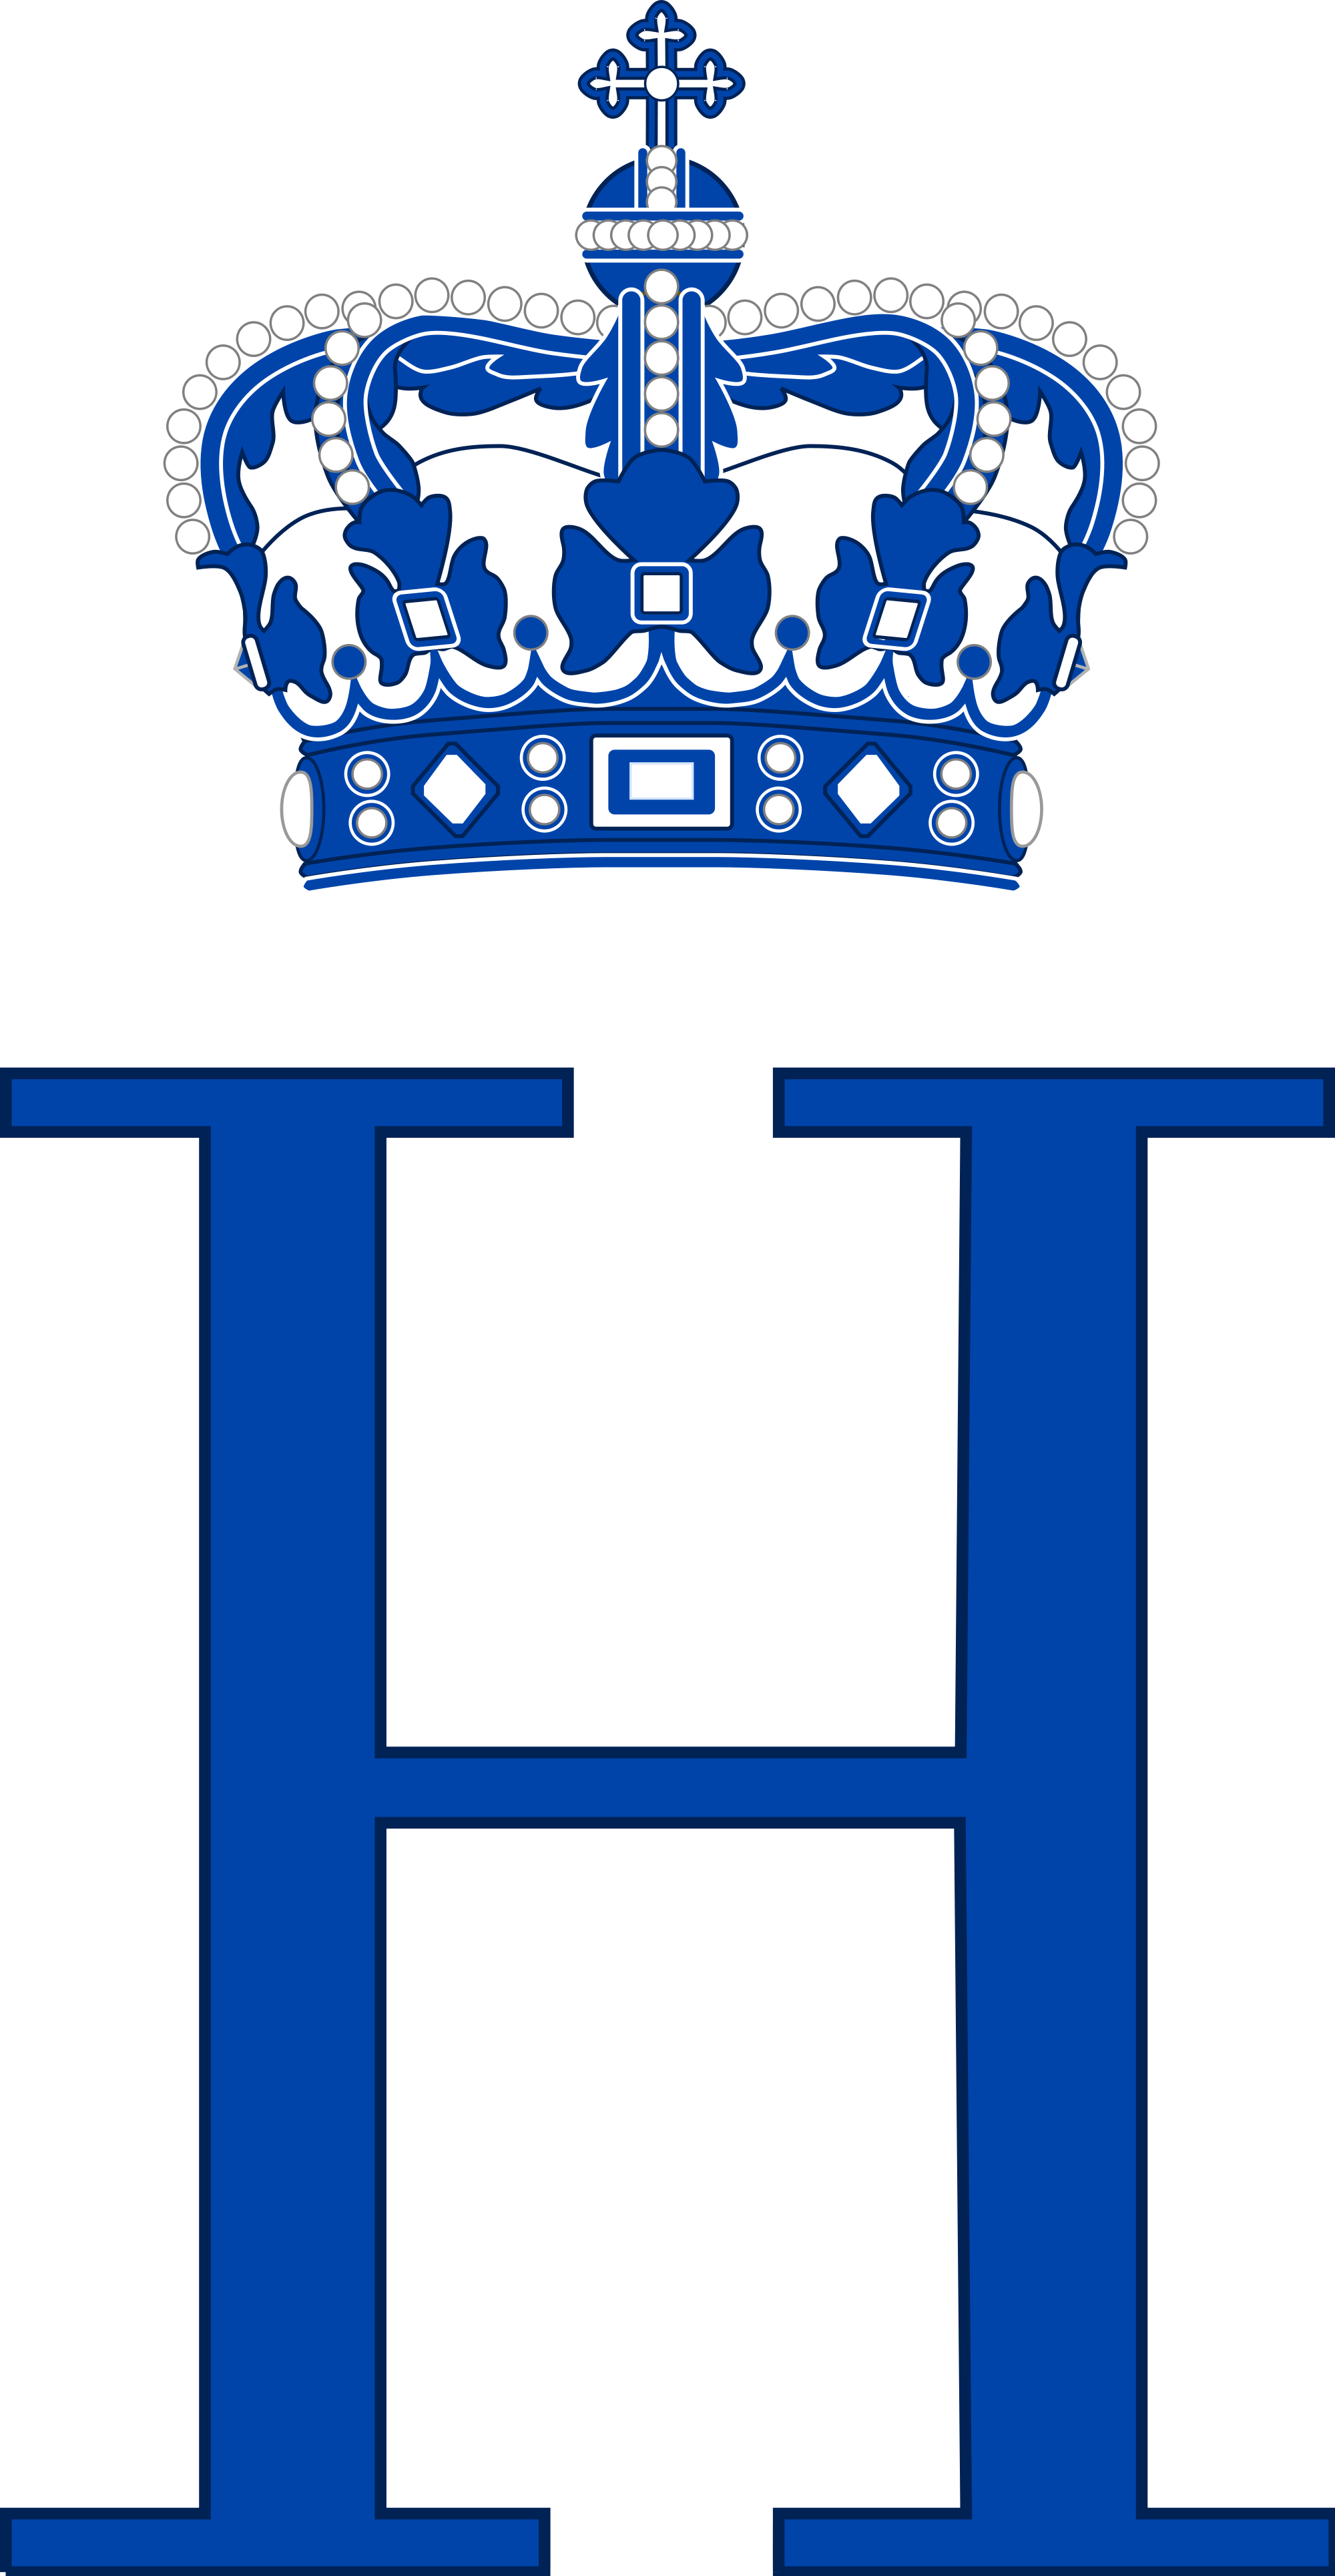 File:Royal Monogram of Prince Henrik of Denmark.svg.